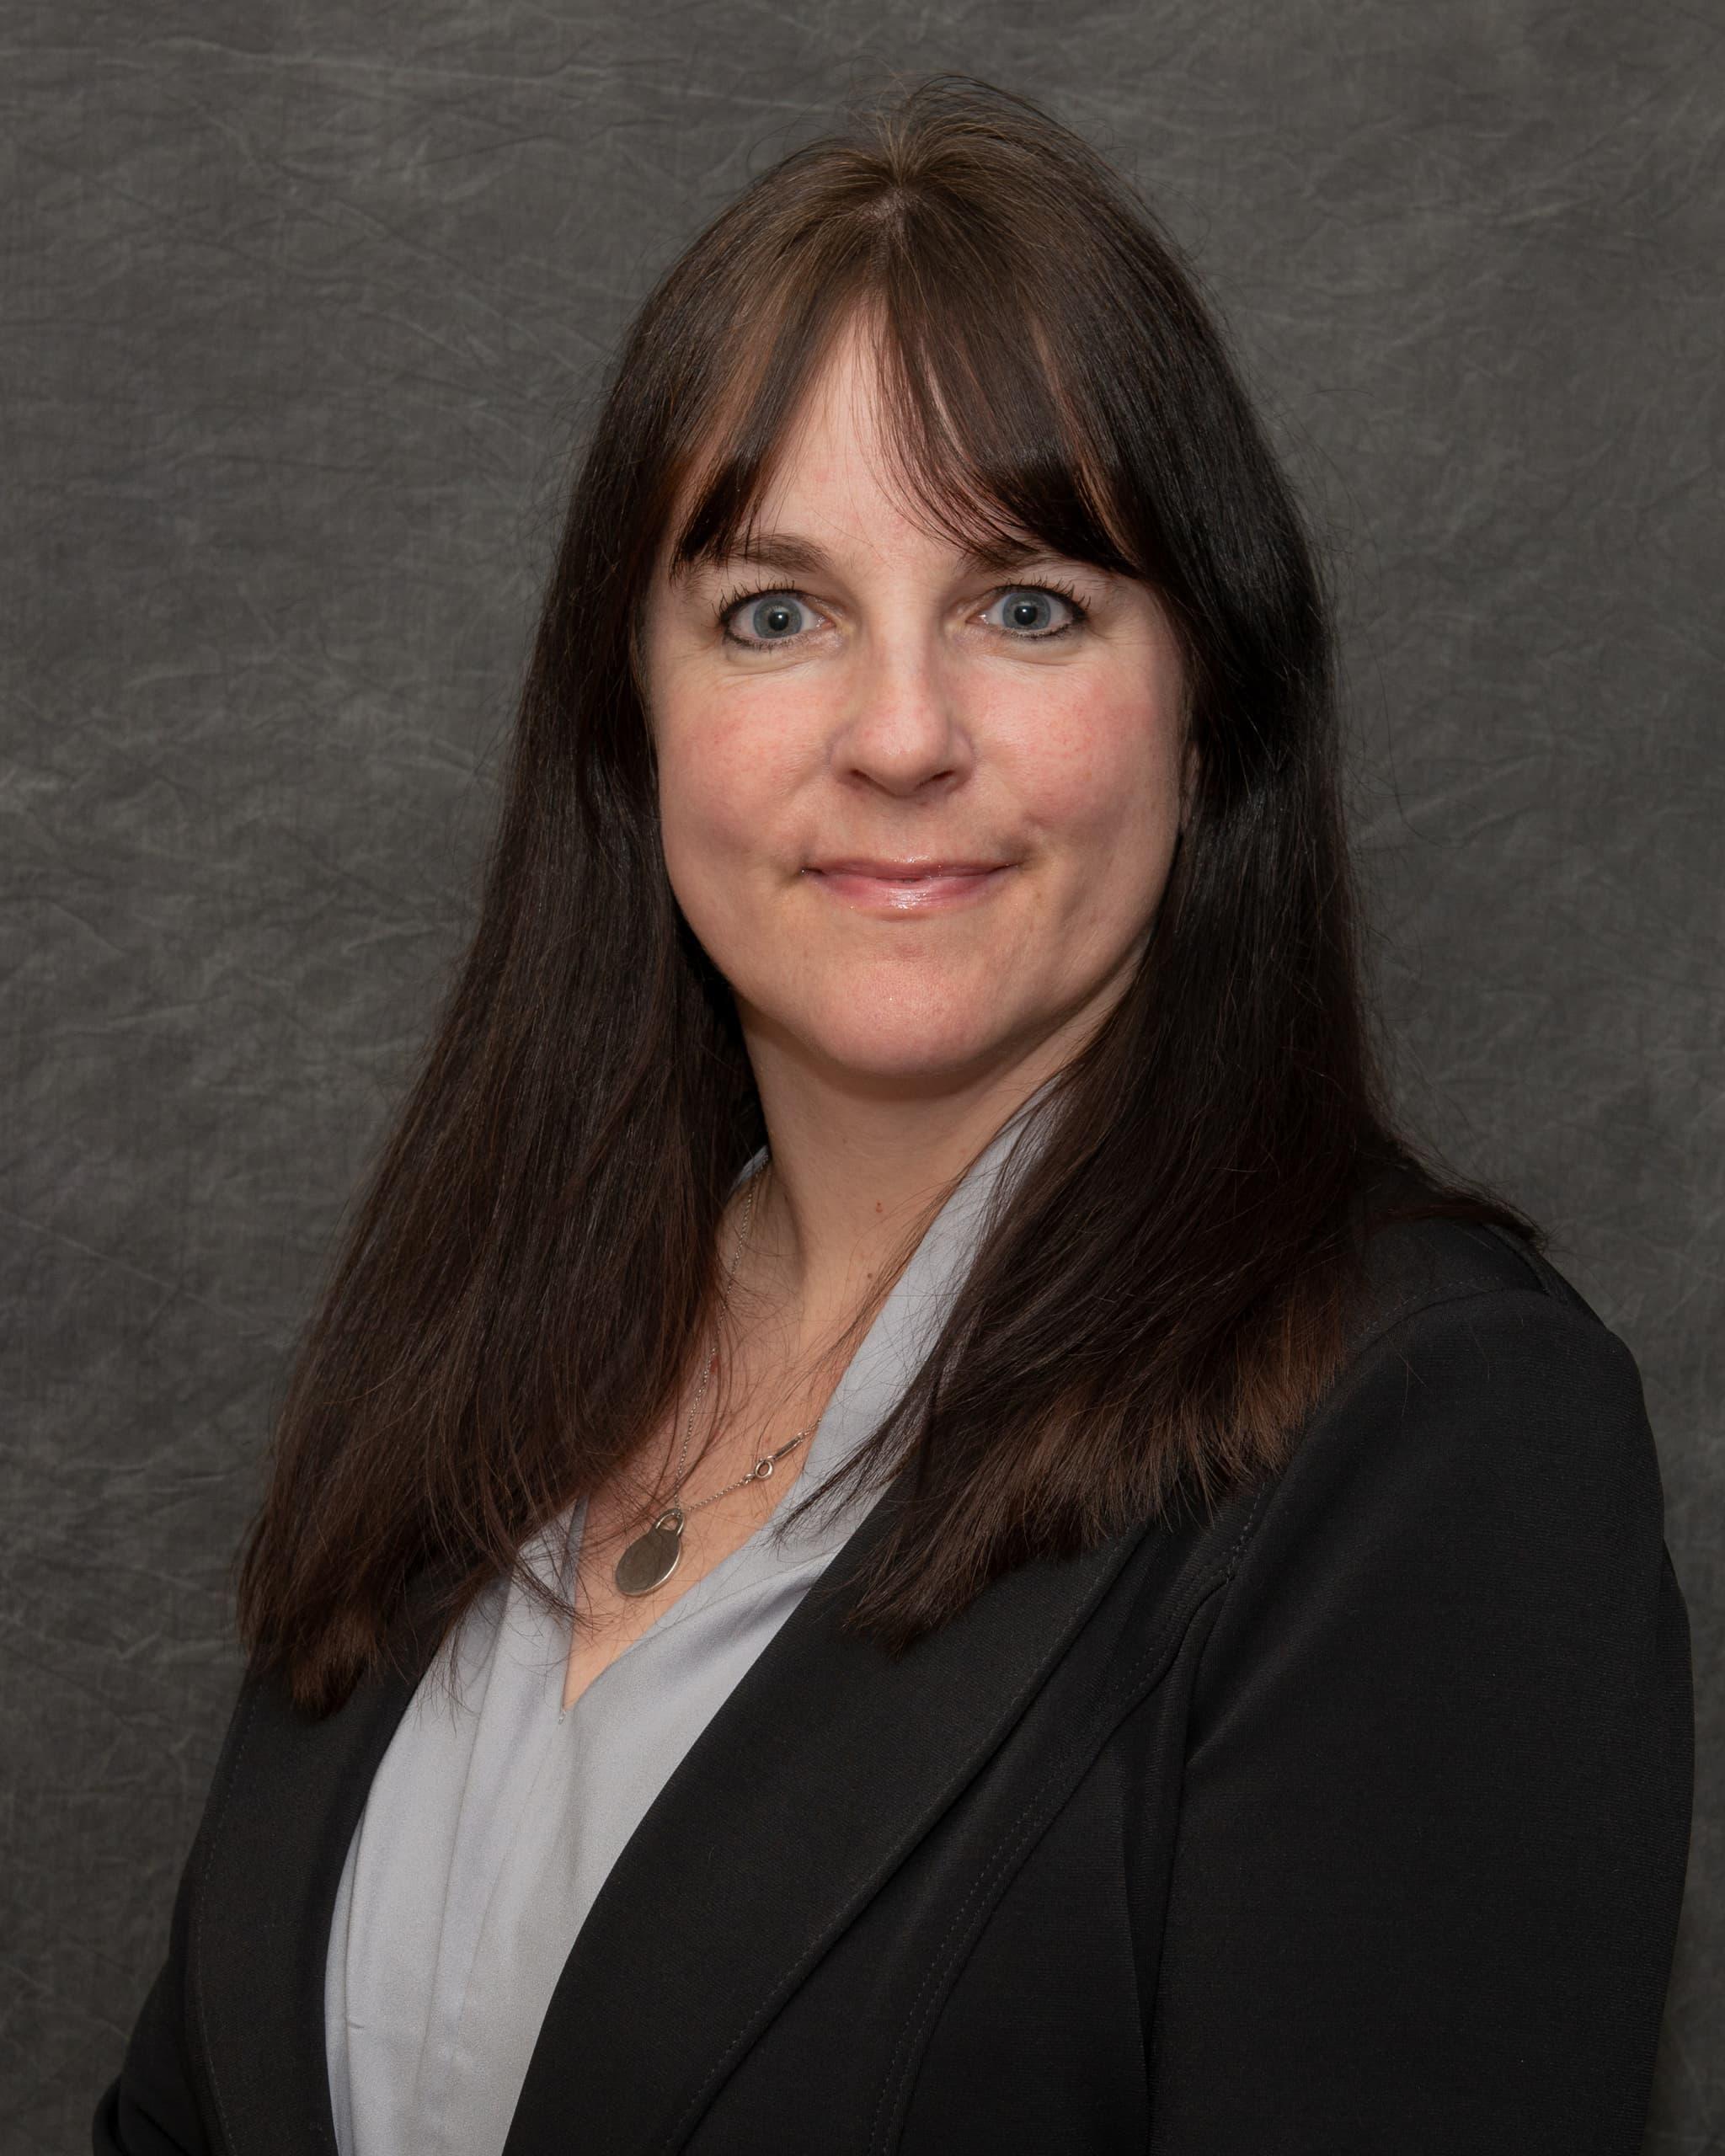 Skagway alumna named commissioner of administration